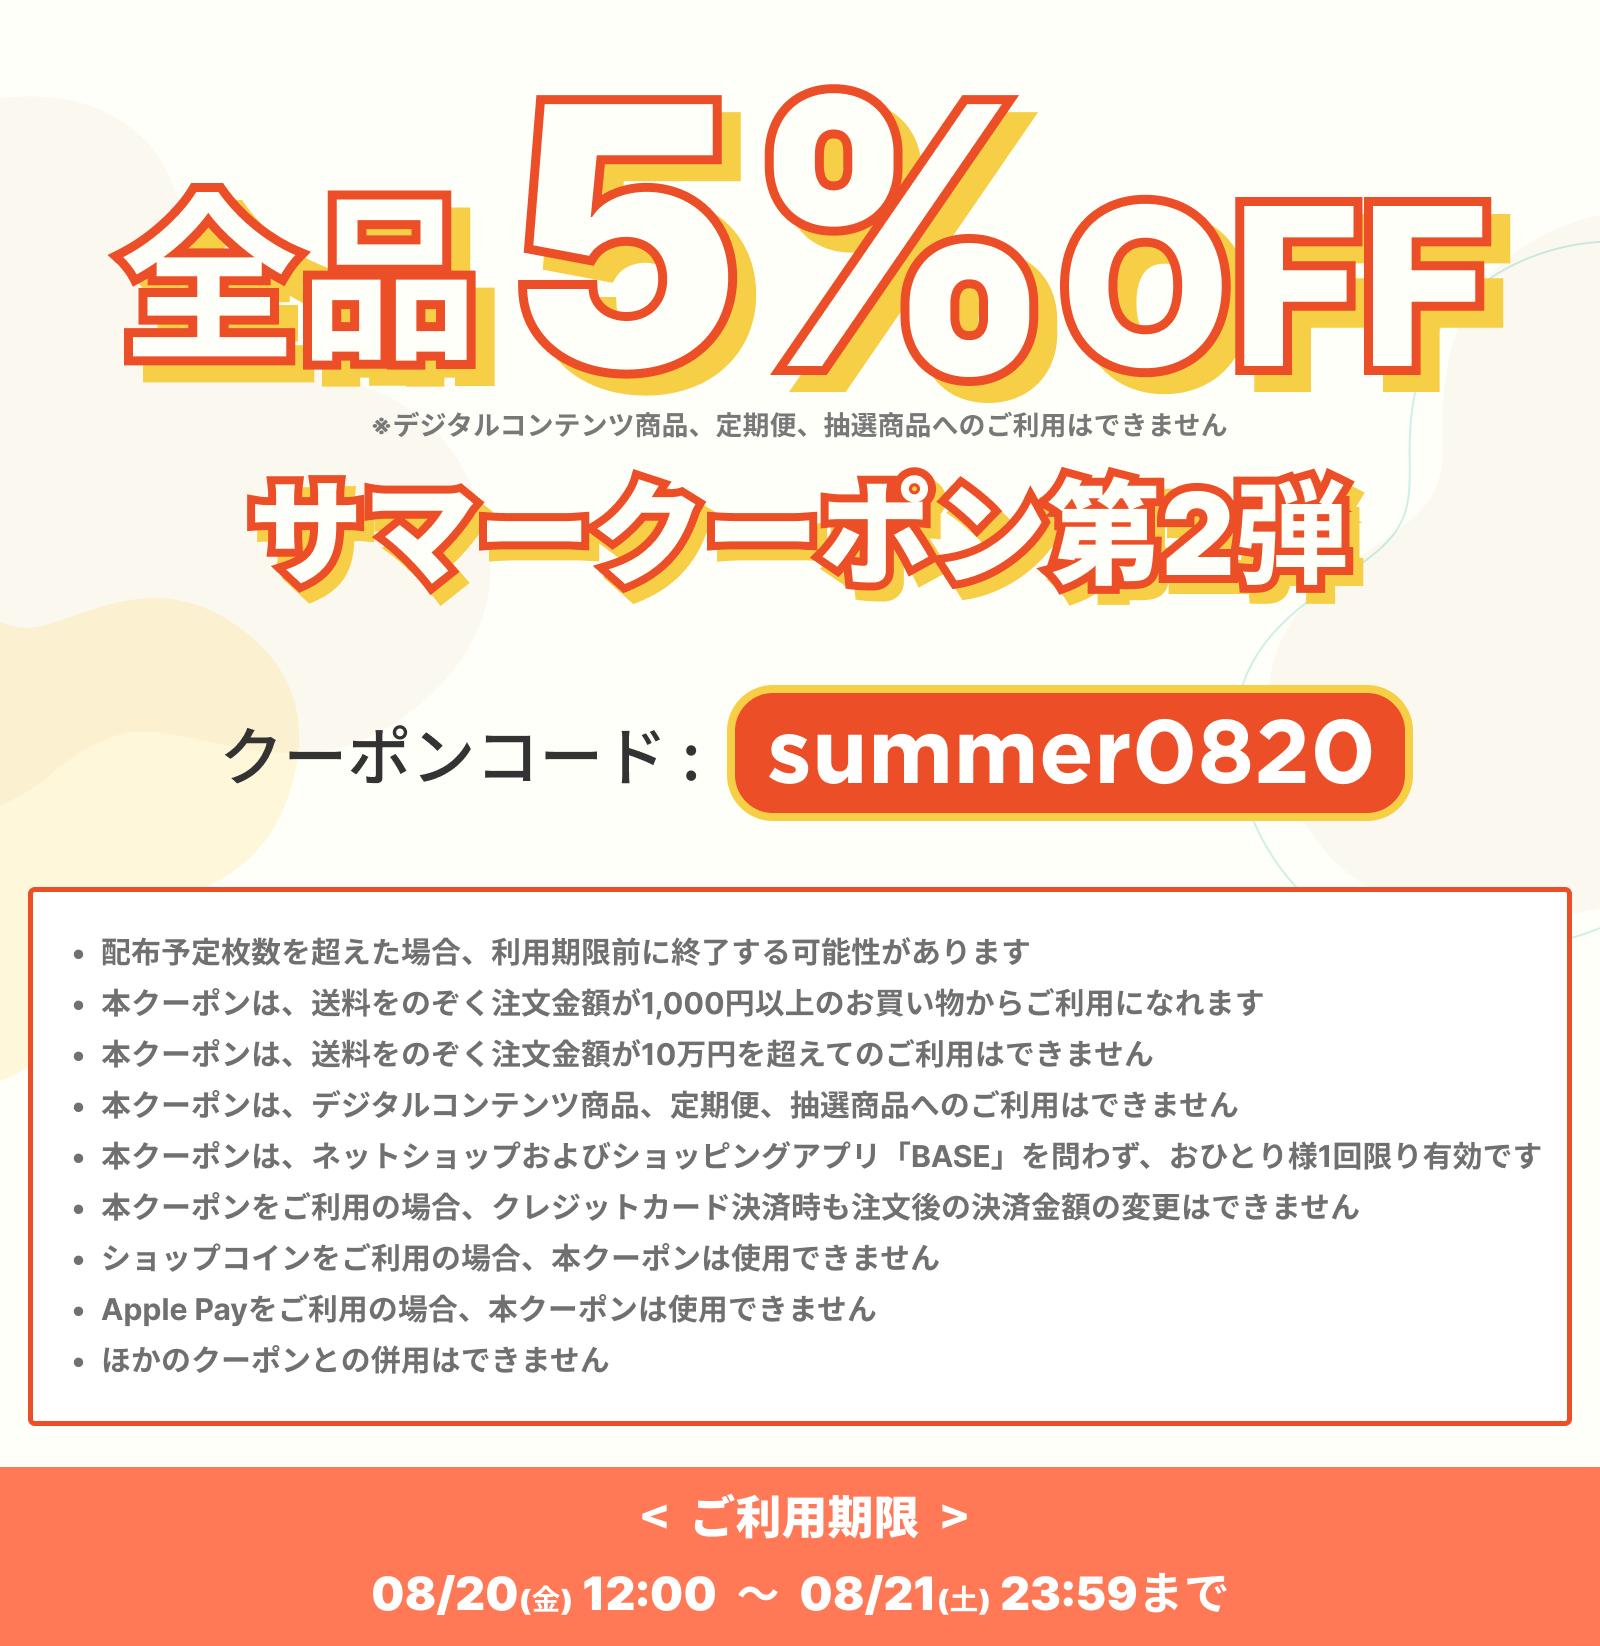 8/20~8/21 期間限定!5%OFFクーポン